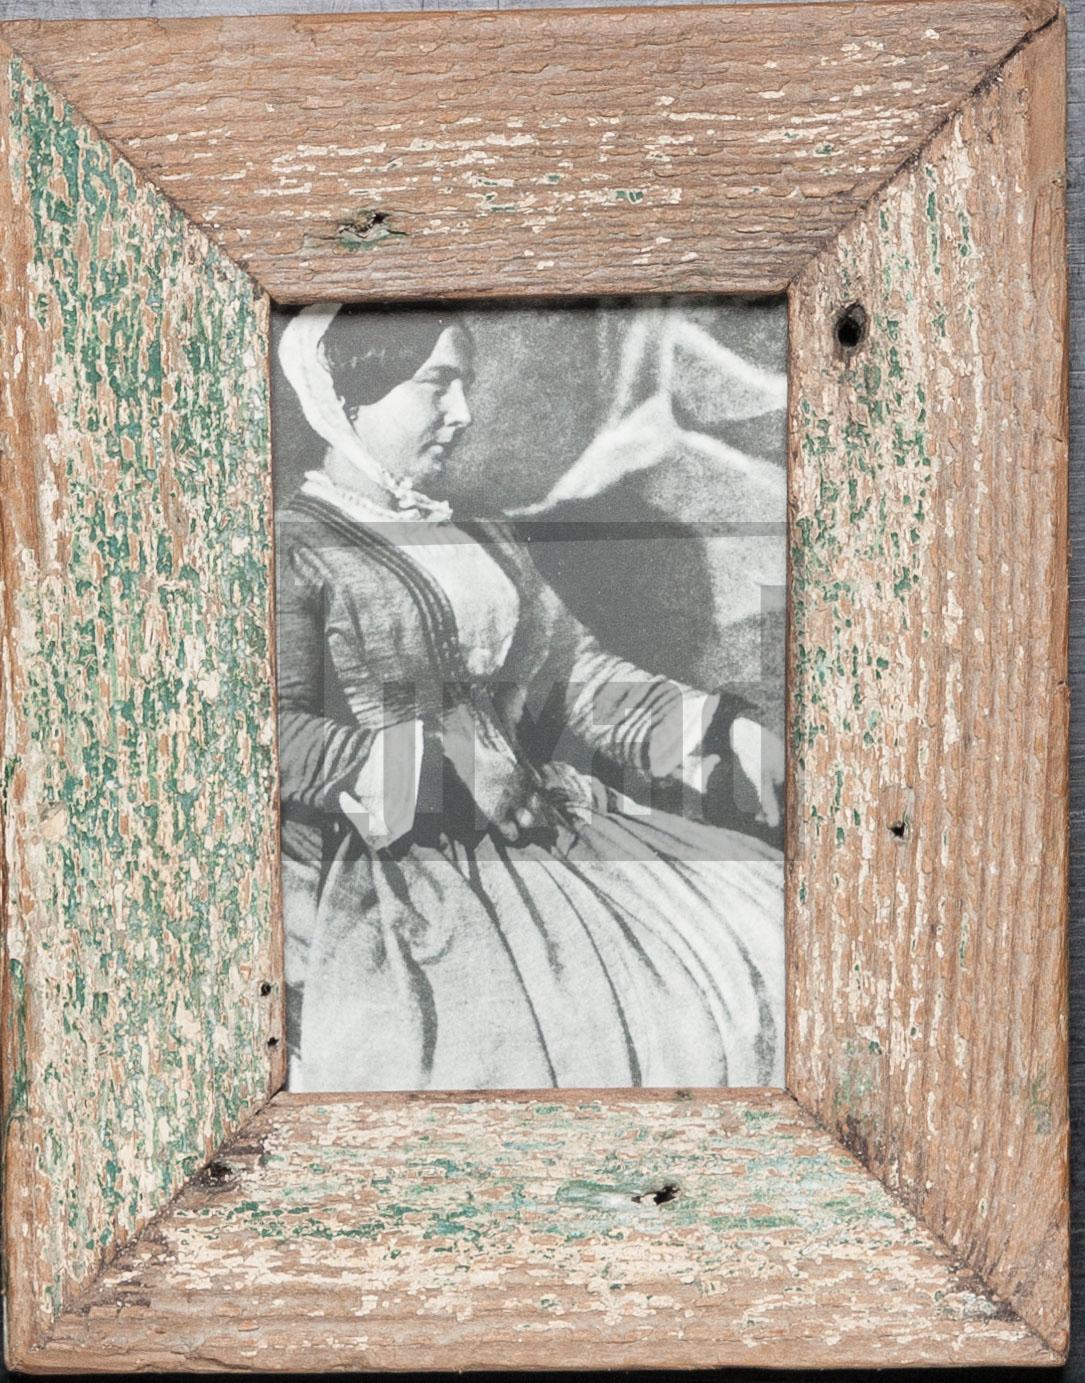 Vintage-Bilderrahmen aus altem Holz für 10 x 15 cm große Fotos